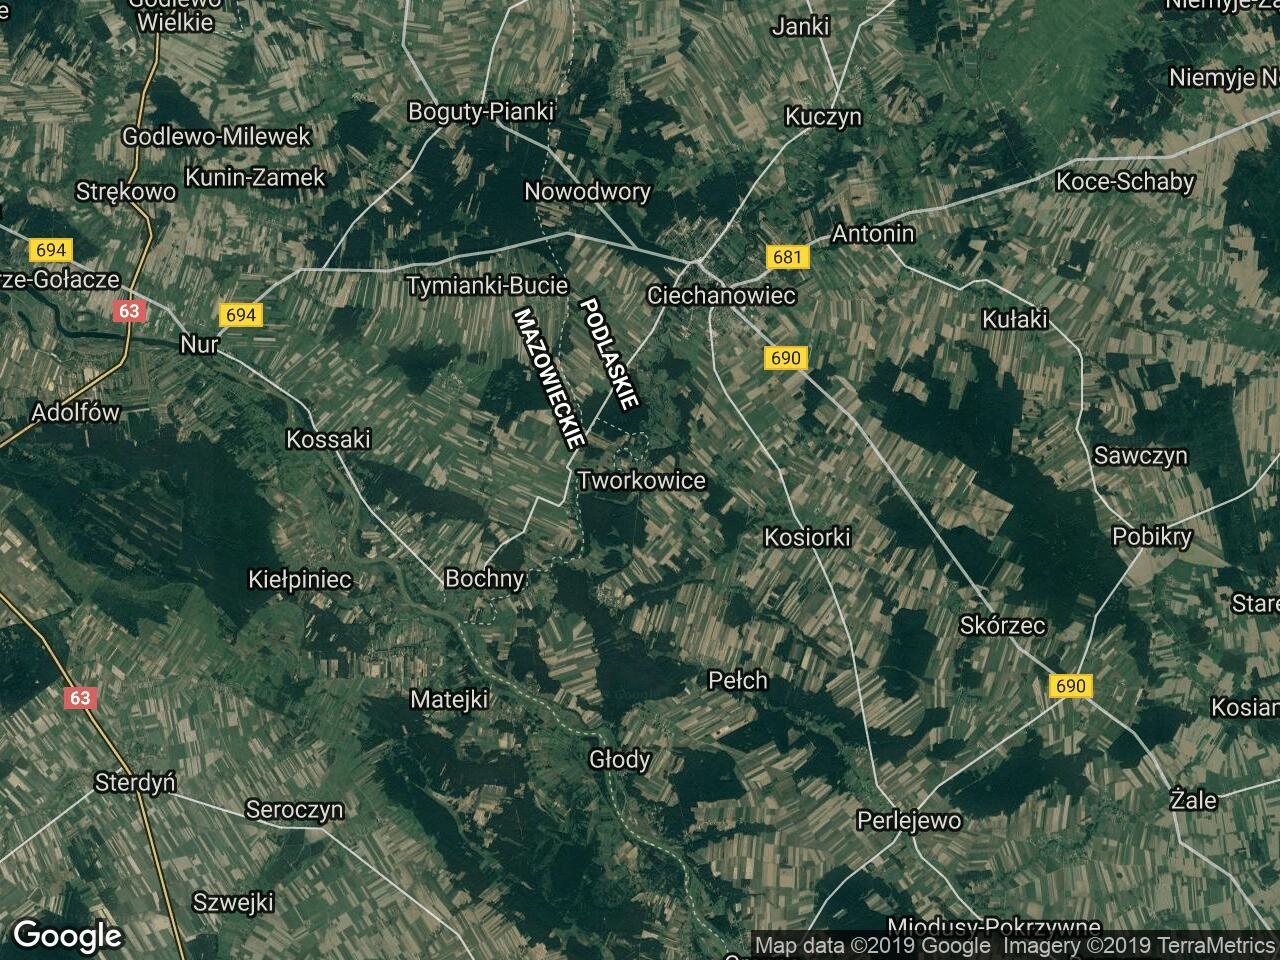 Działka rolno-budowlana Tworkowice